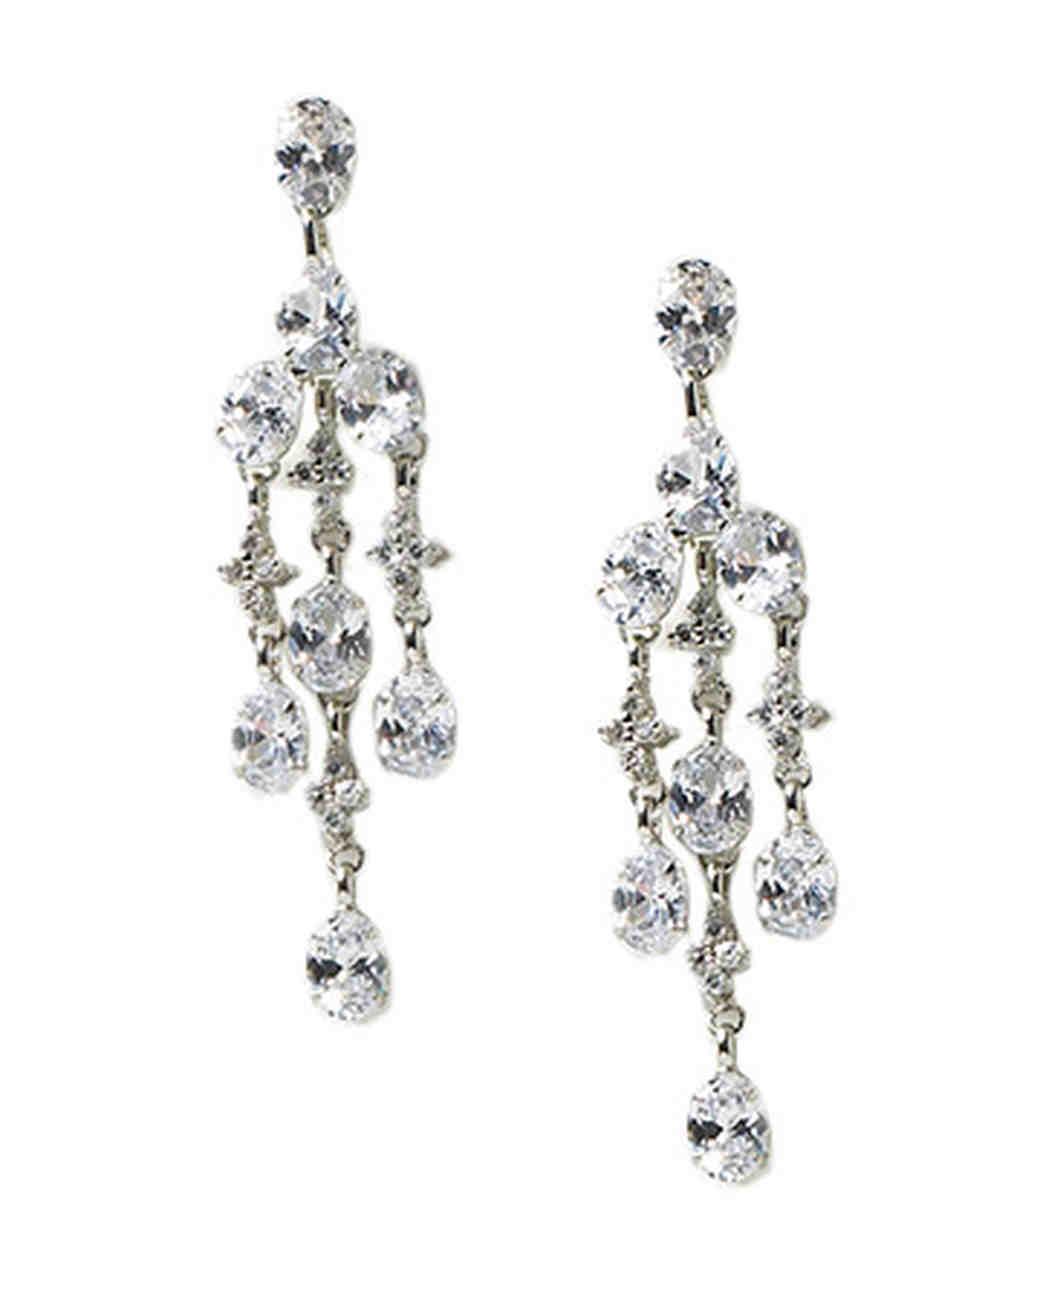 wd104606_spr09_jewelry33.jpg